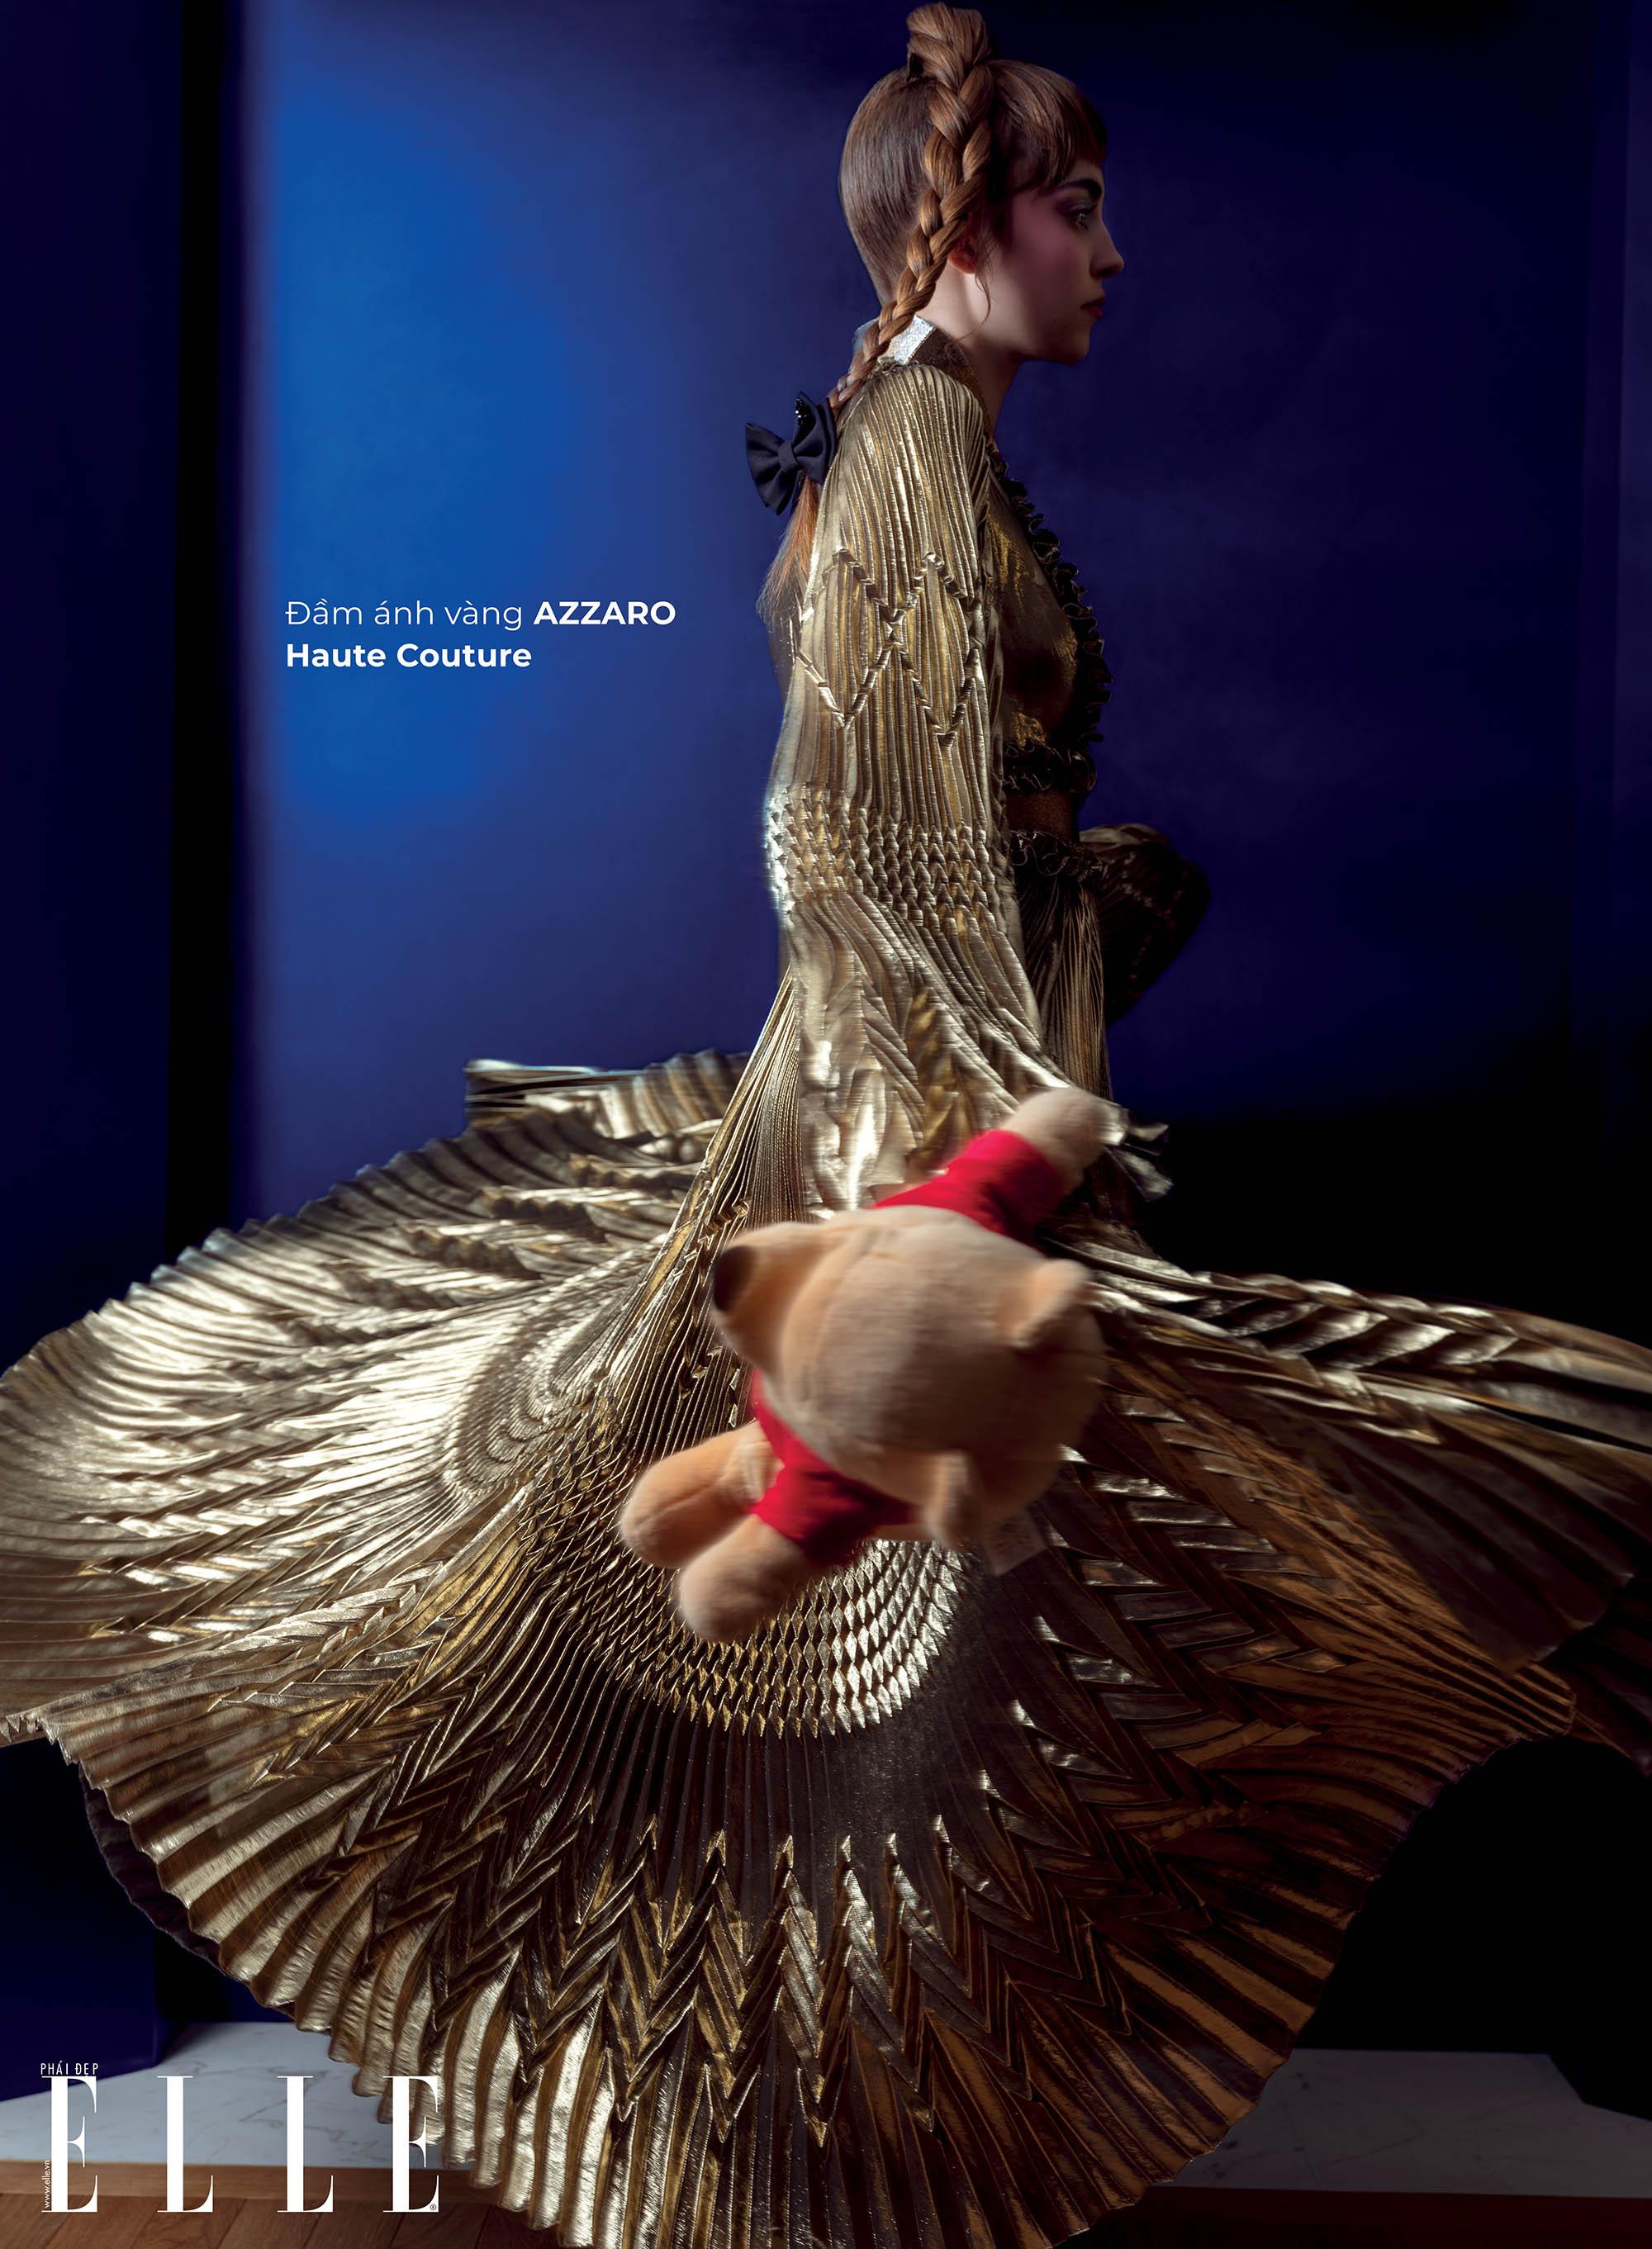 haute couture đầm ánh vàng metallic